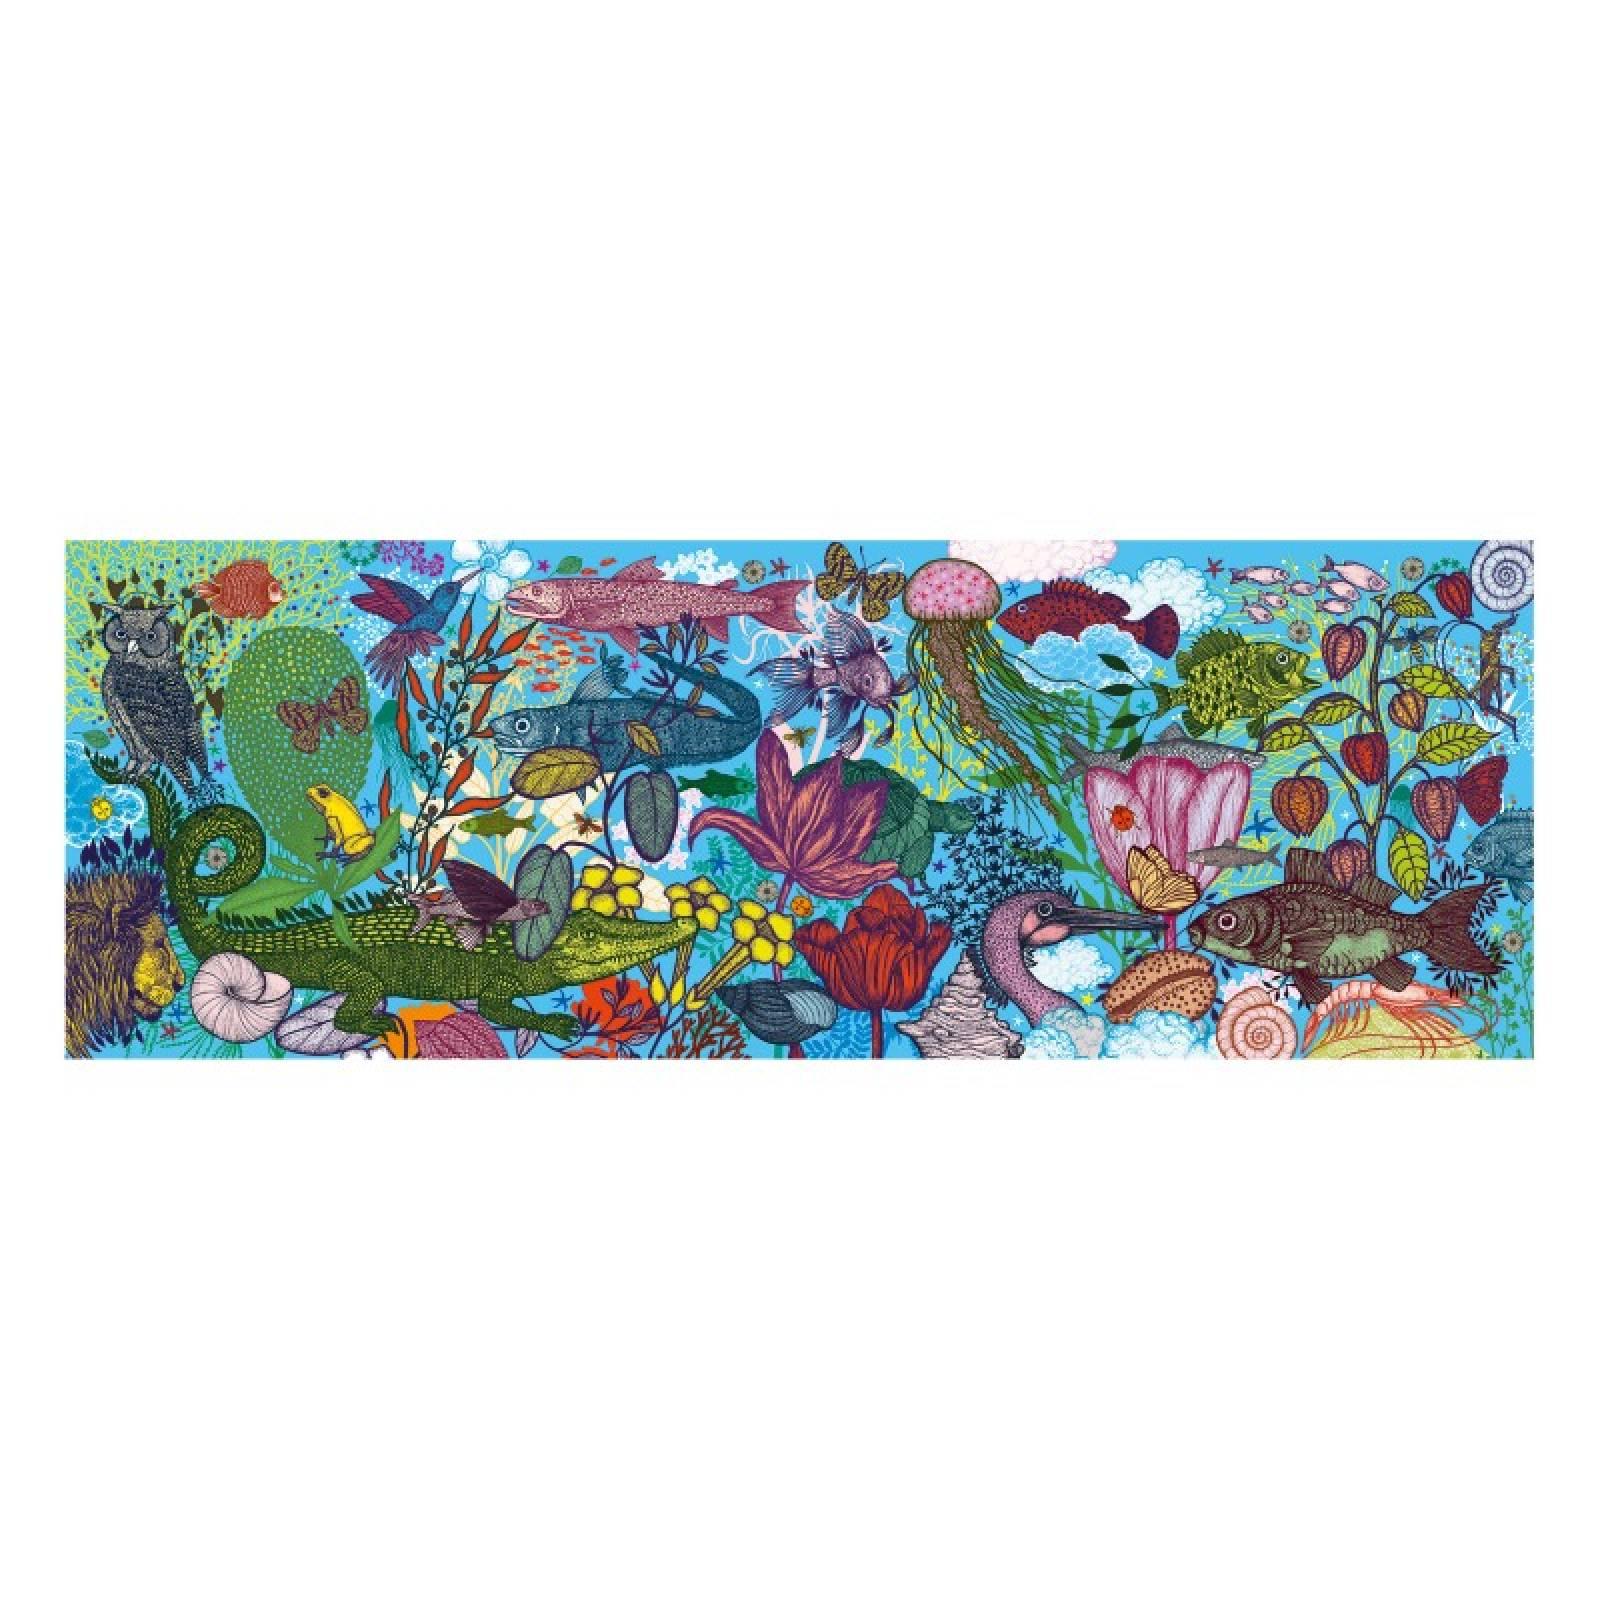 Land & Sea 1000 Piece Puzzle By Djeco 9+